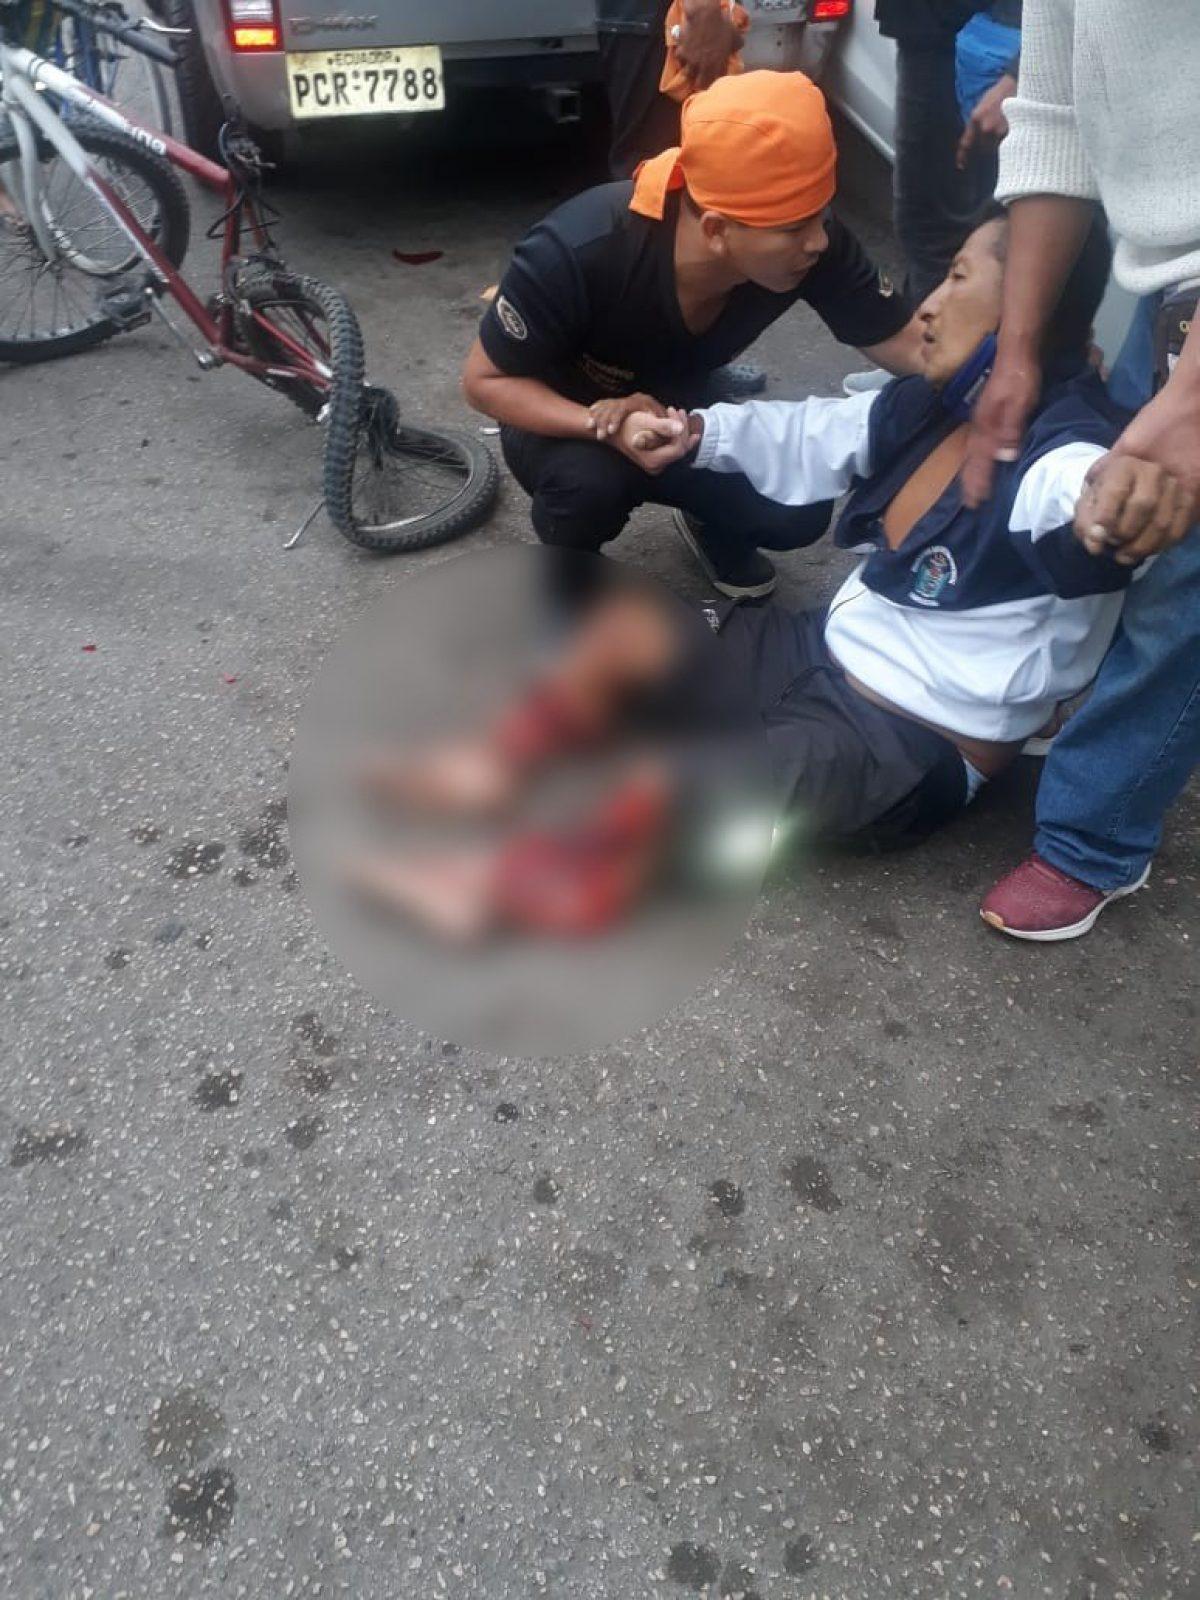 ¡Terrible accidente! Carro destroza piernas de hombre que estaba en su bicicleta